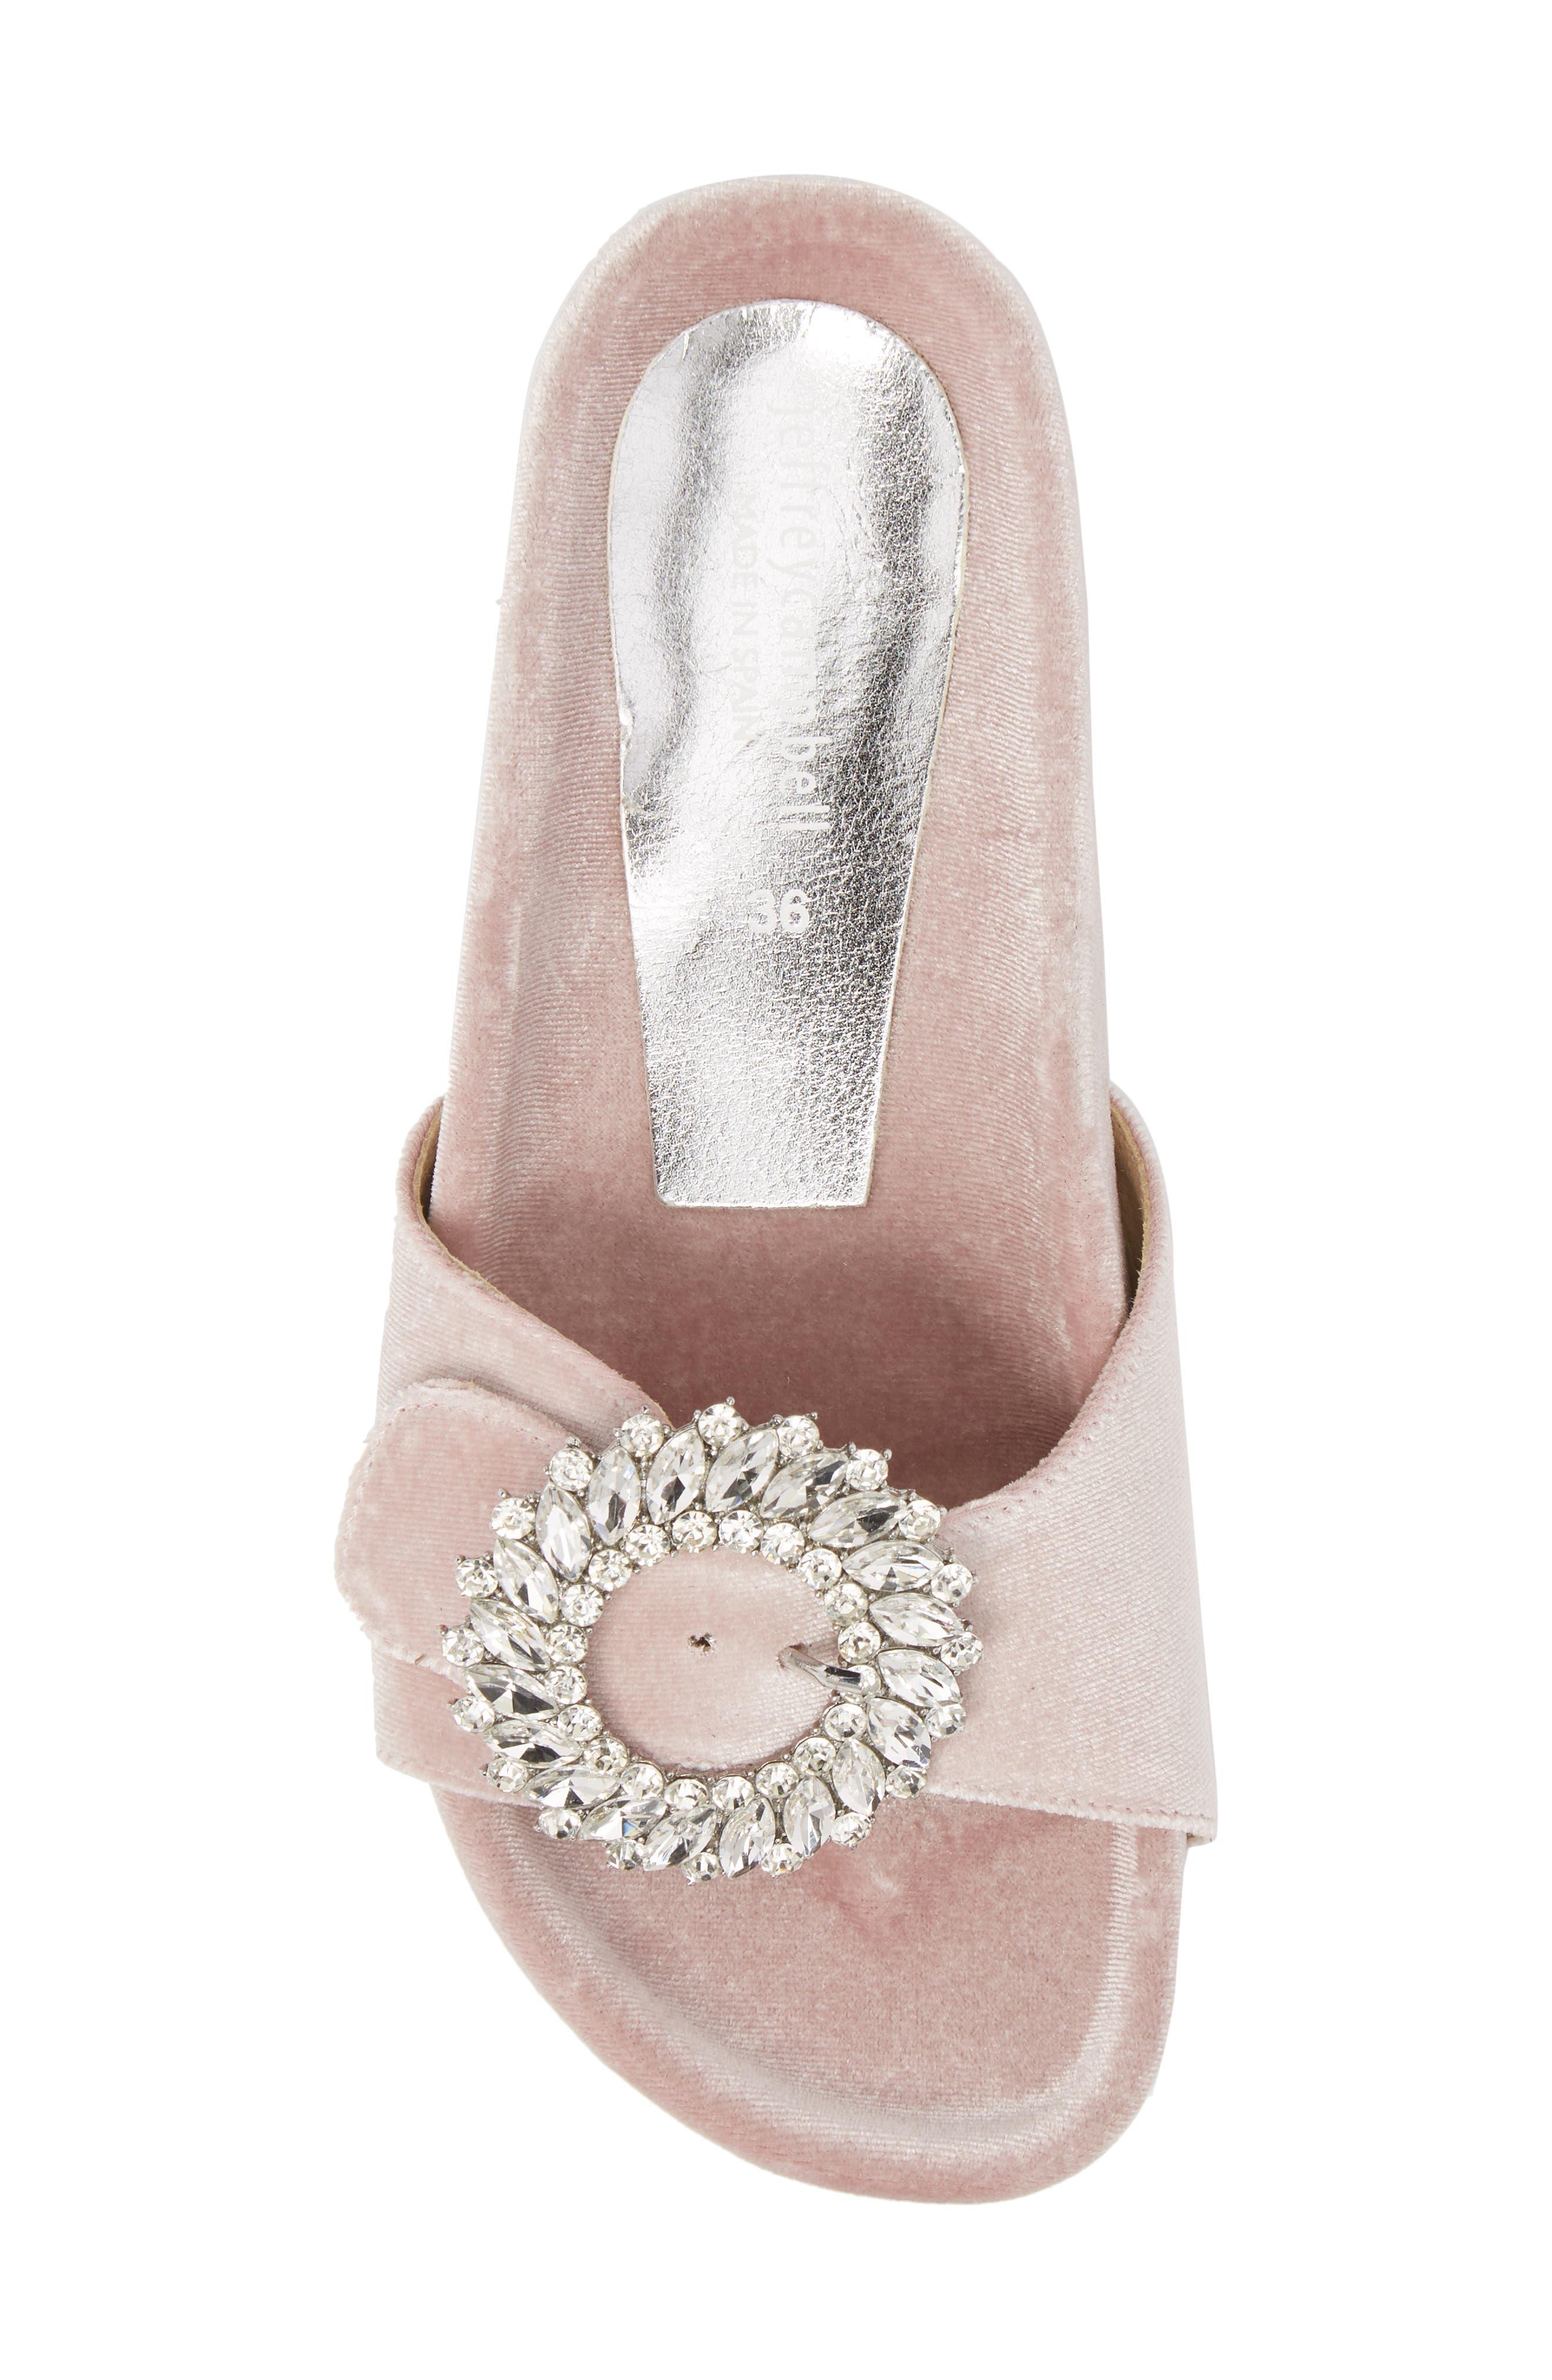 Upolu Embellished Slide Sandal,                             Alternate thumbnail 5, color,                             Blush Velvet/ Silver